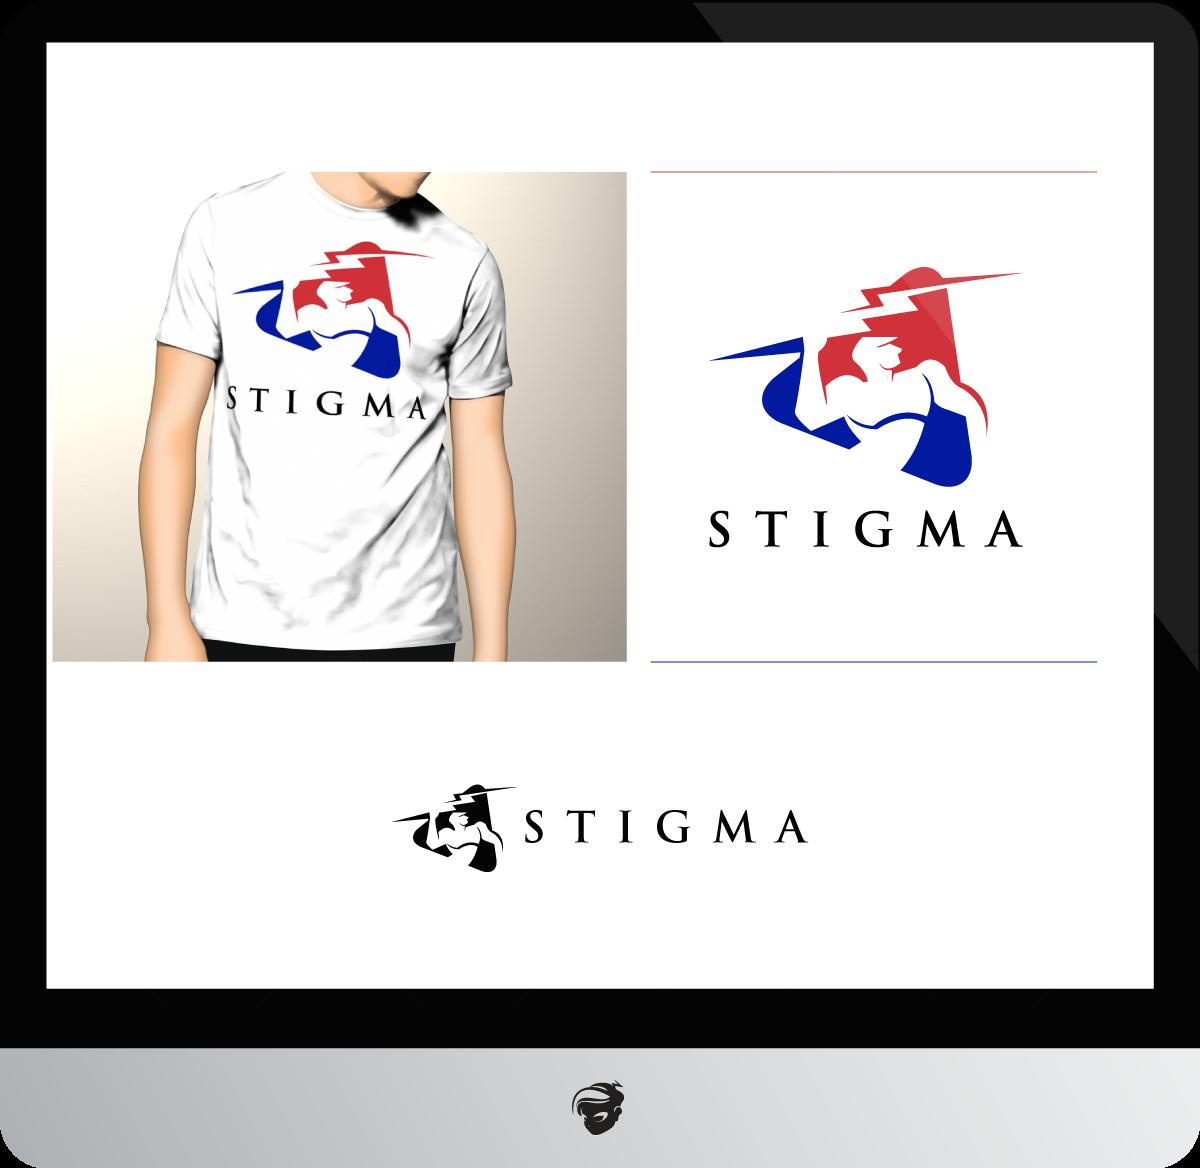 Logo Design by zesthar - Entry No. 16 in the Logo Design Contest Creative Logo Design for STIGMA.